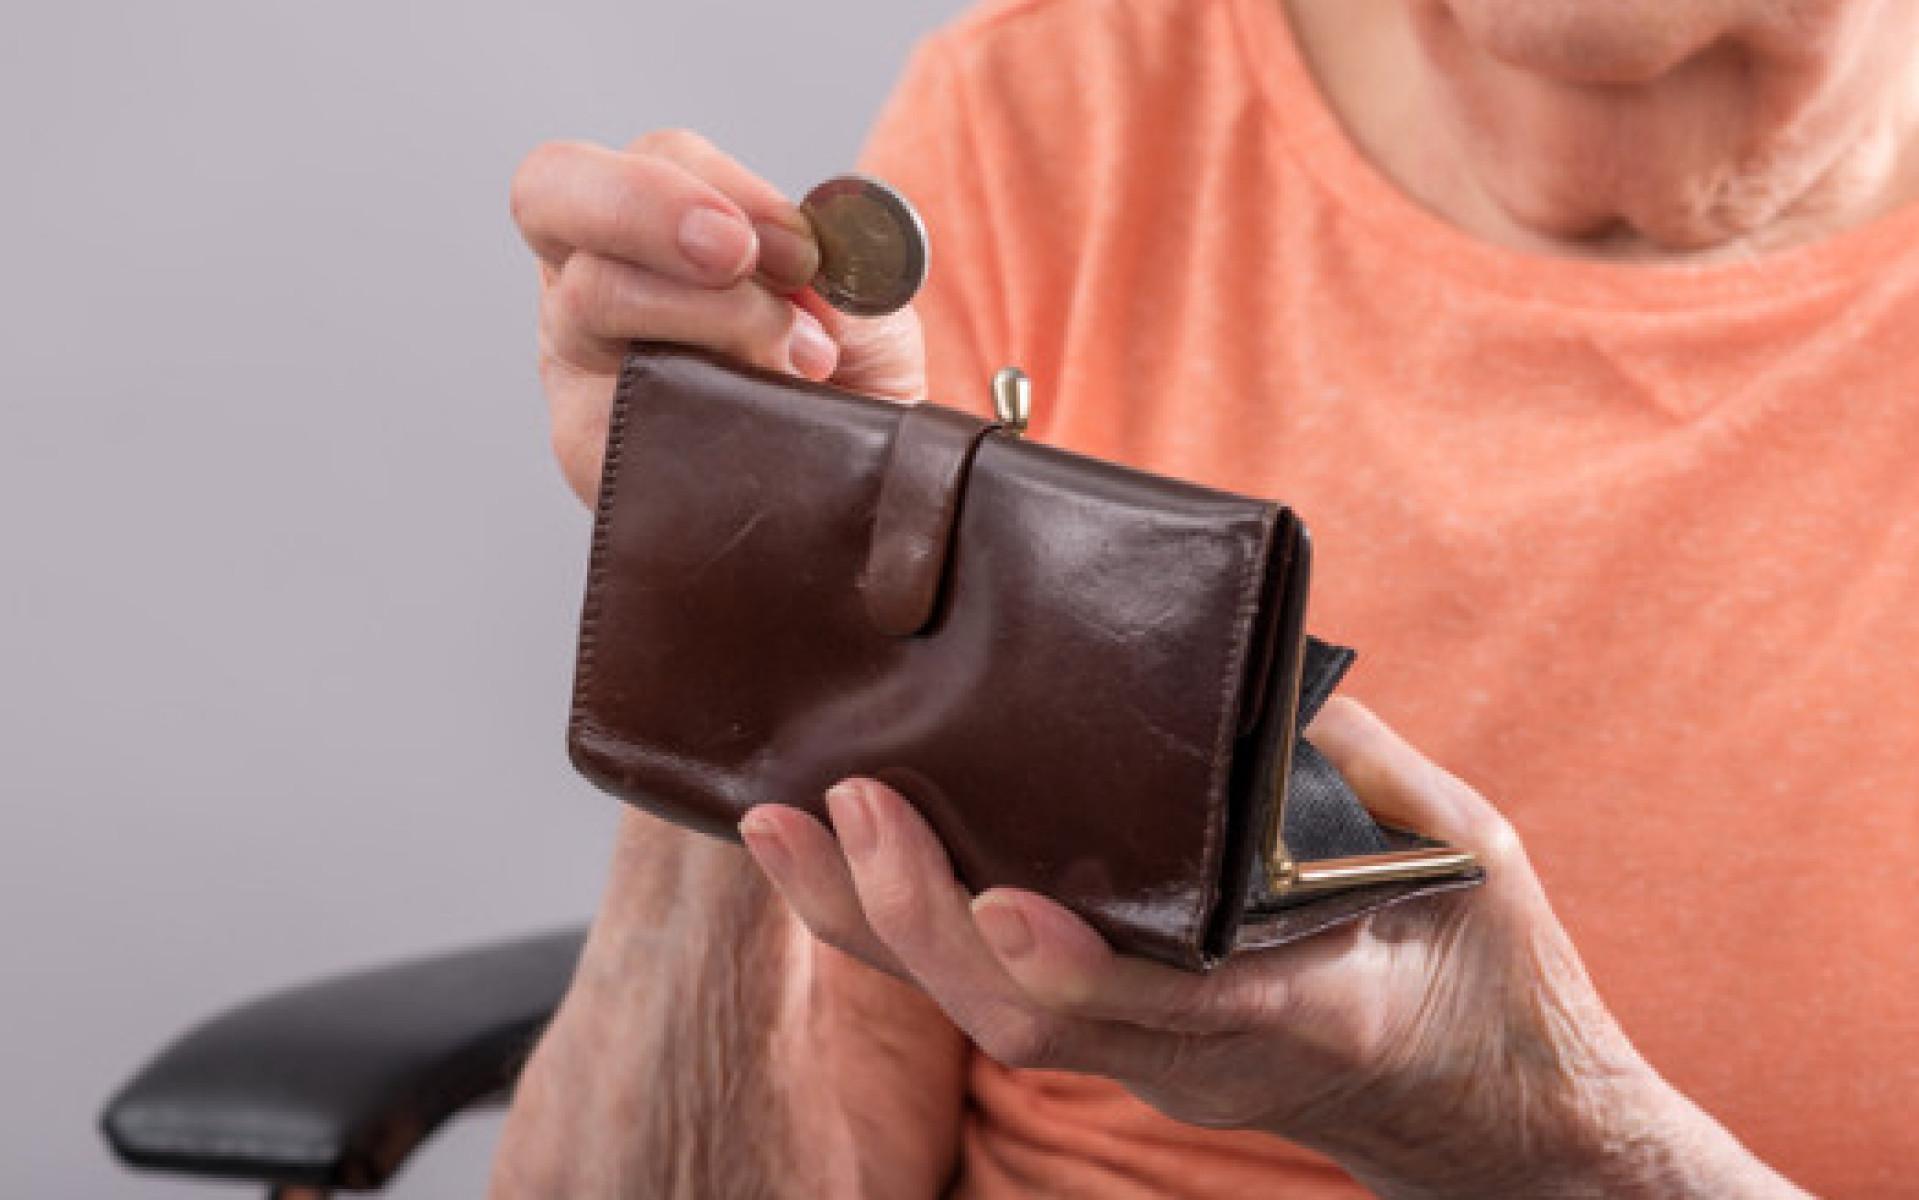 Důchodová komise začala dotazníkem. ODS připravuje vlastní řešení systému penzí